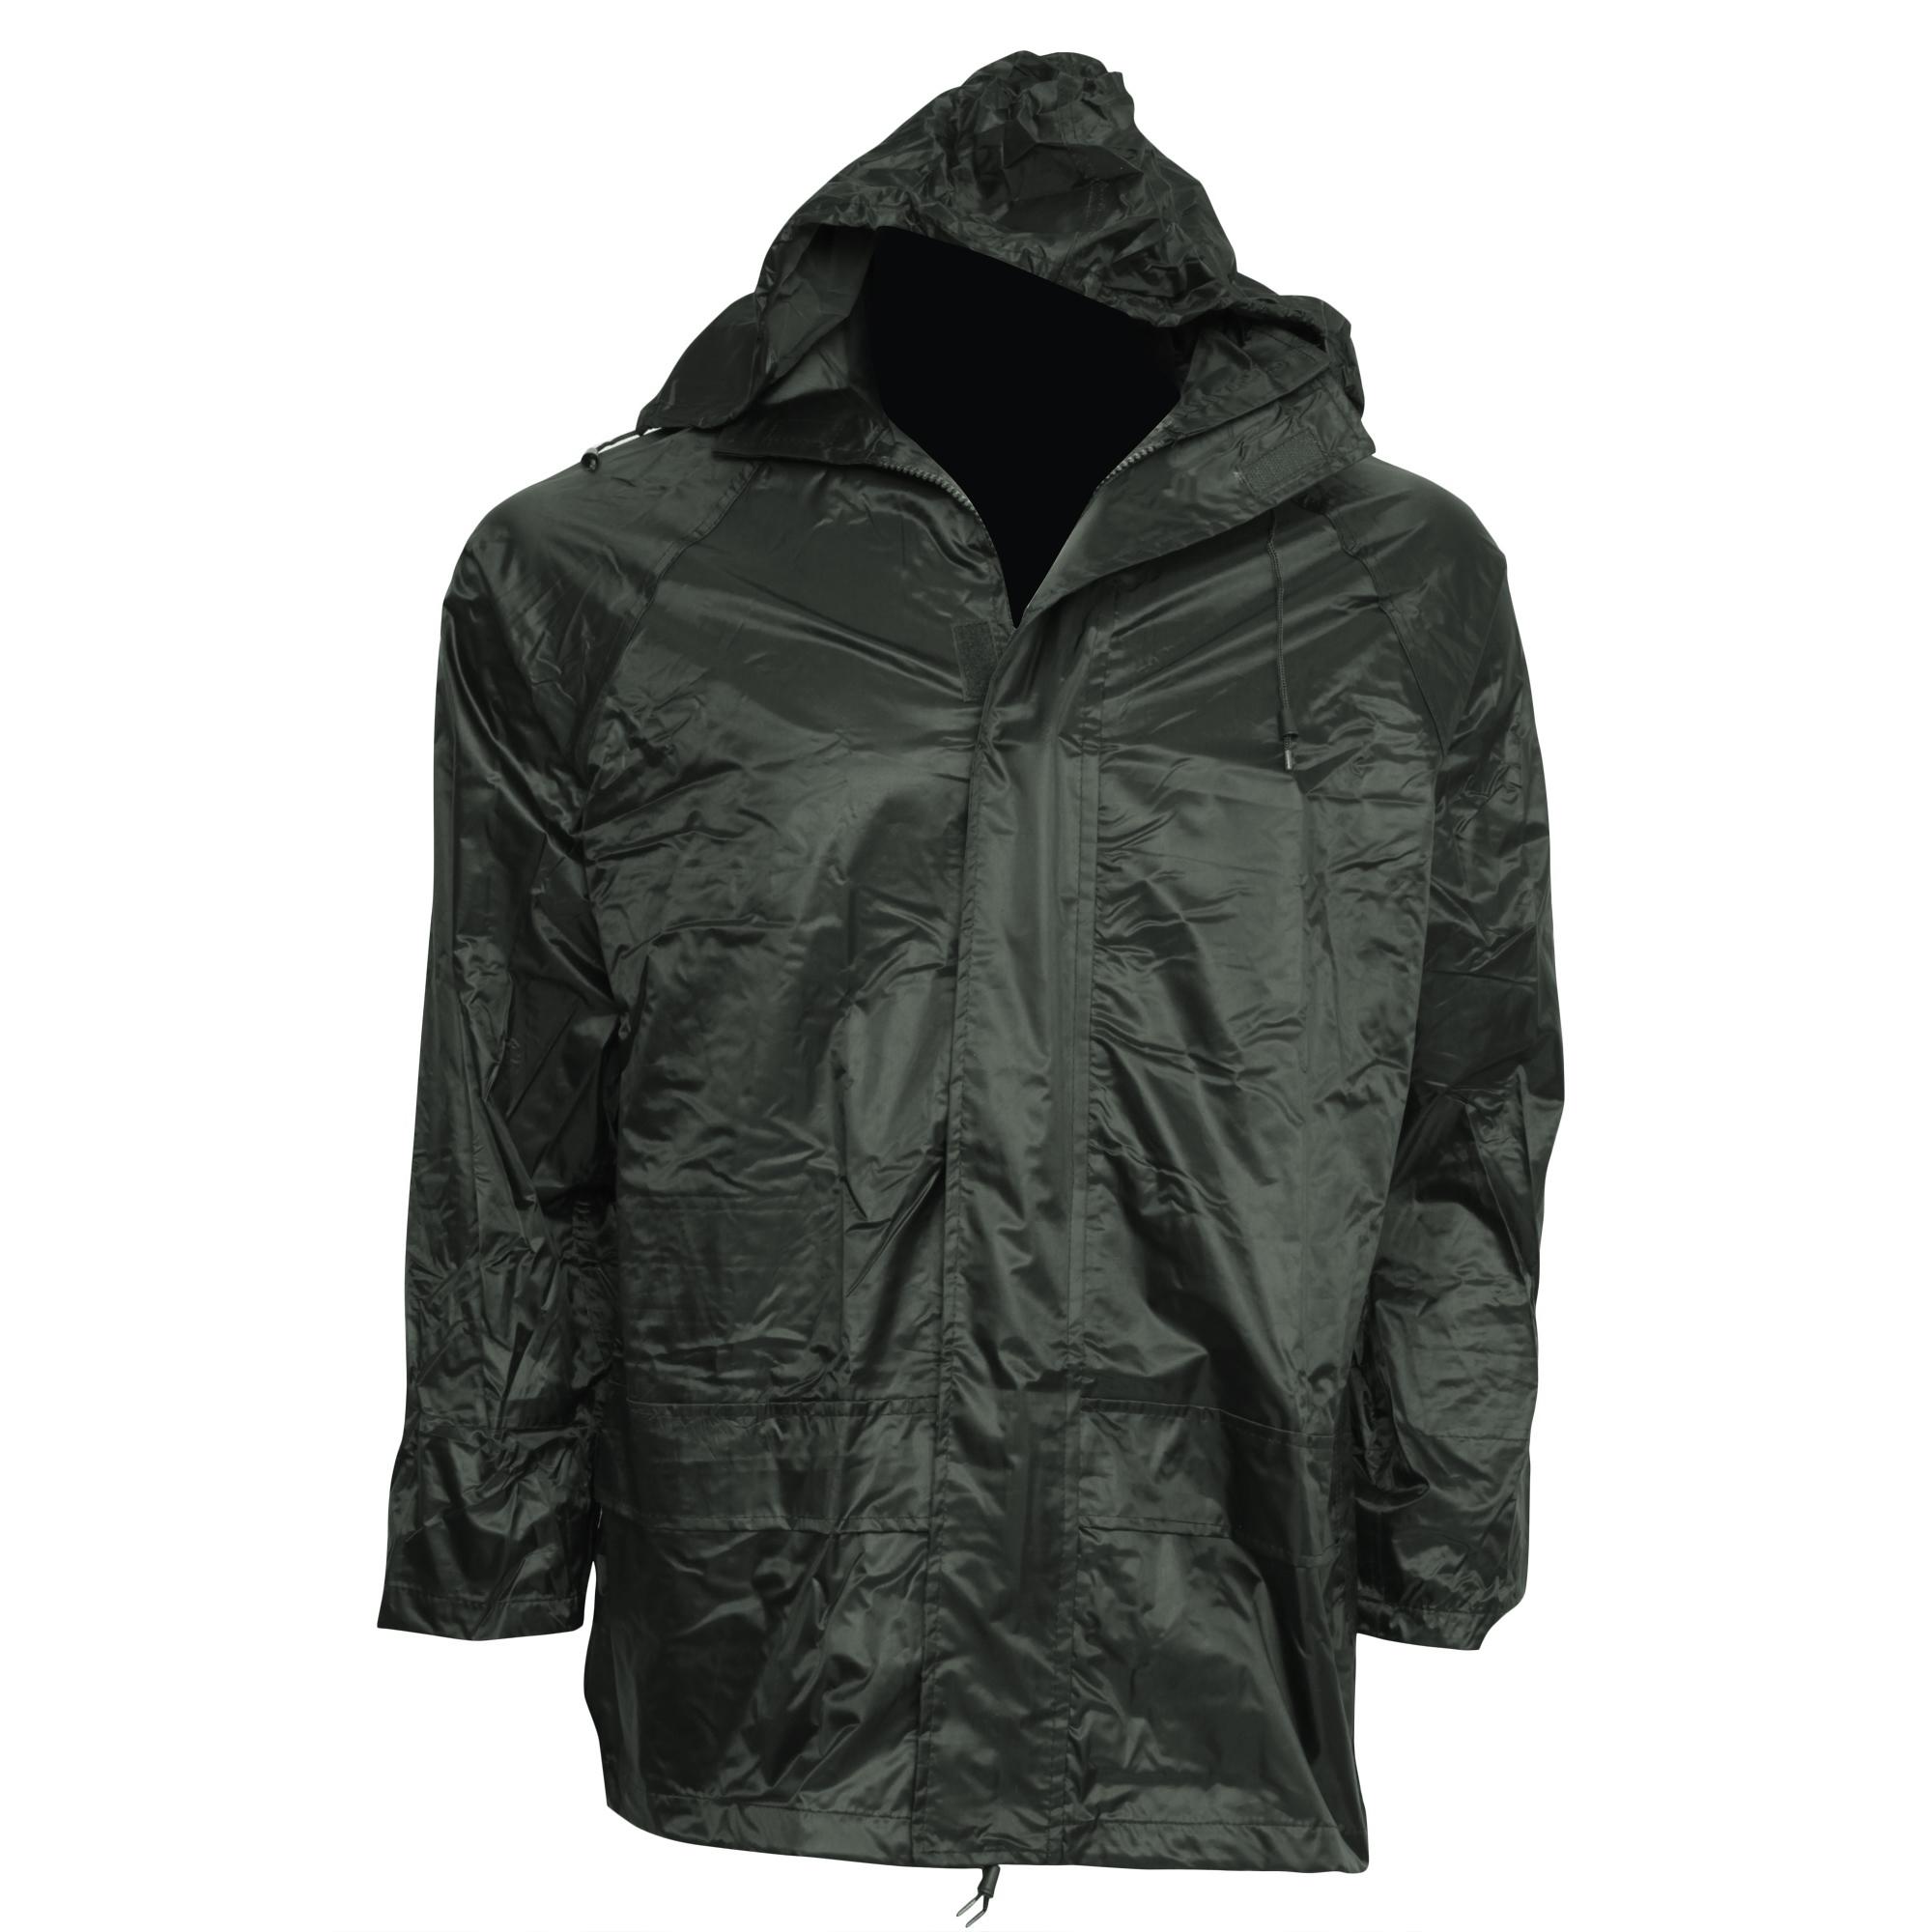 Mens Waterproof Hooded Zip Up Lightweight Outdoor Rain Coat /Jacket Sizes S-2XL   EBay